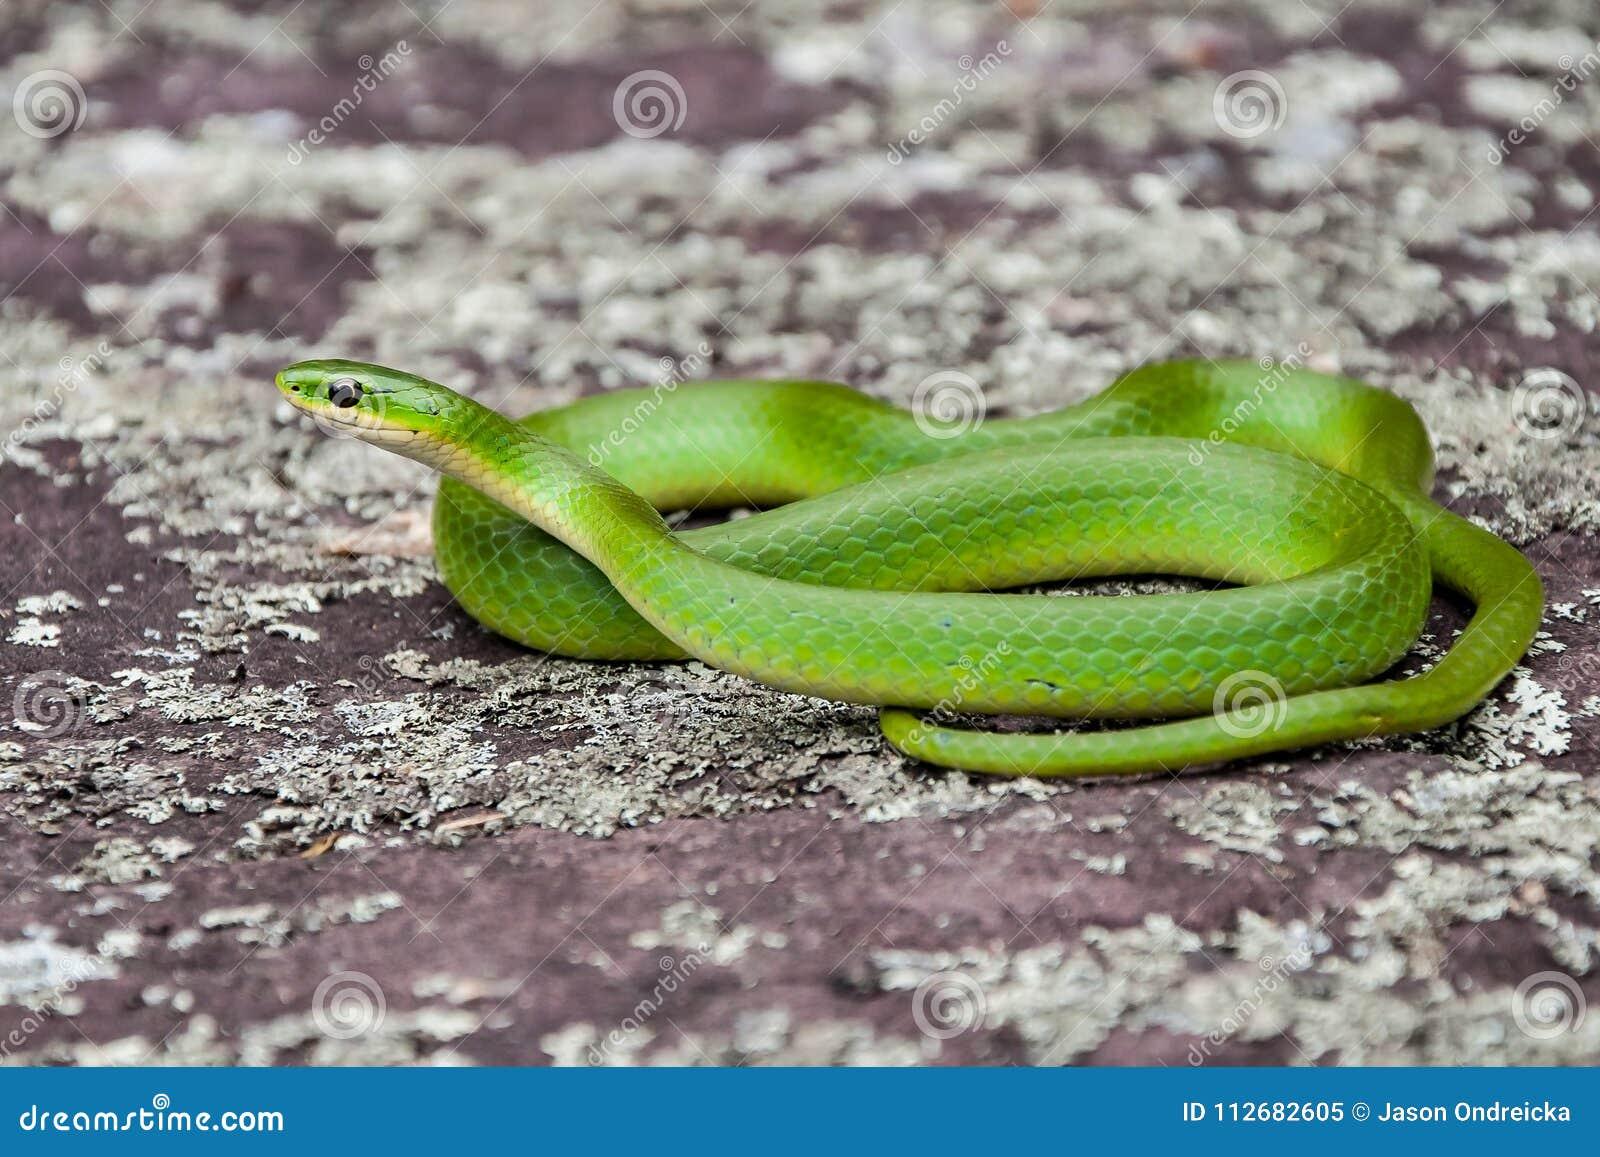 Serpent vert lisse